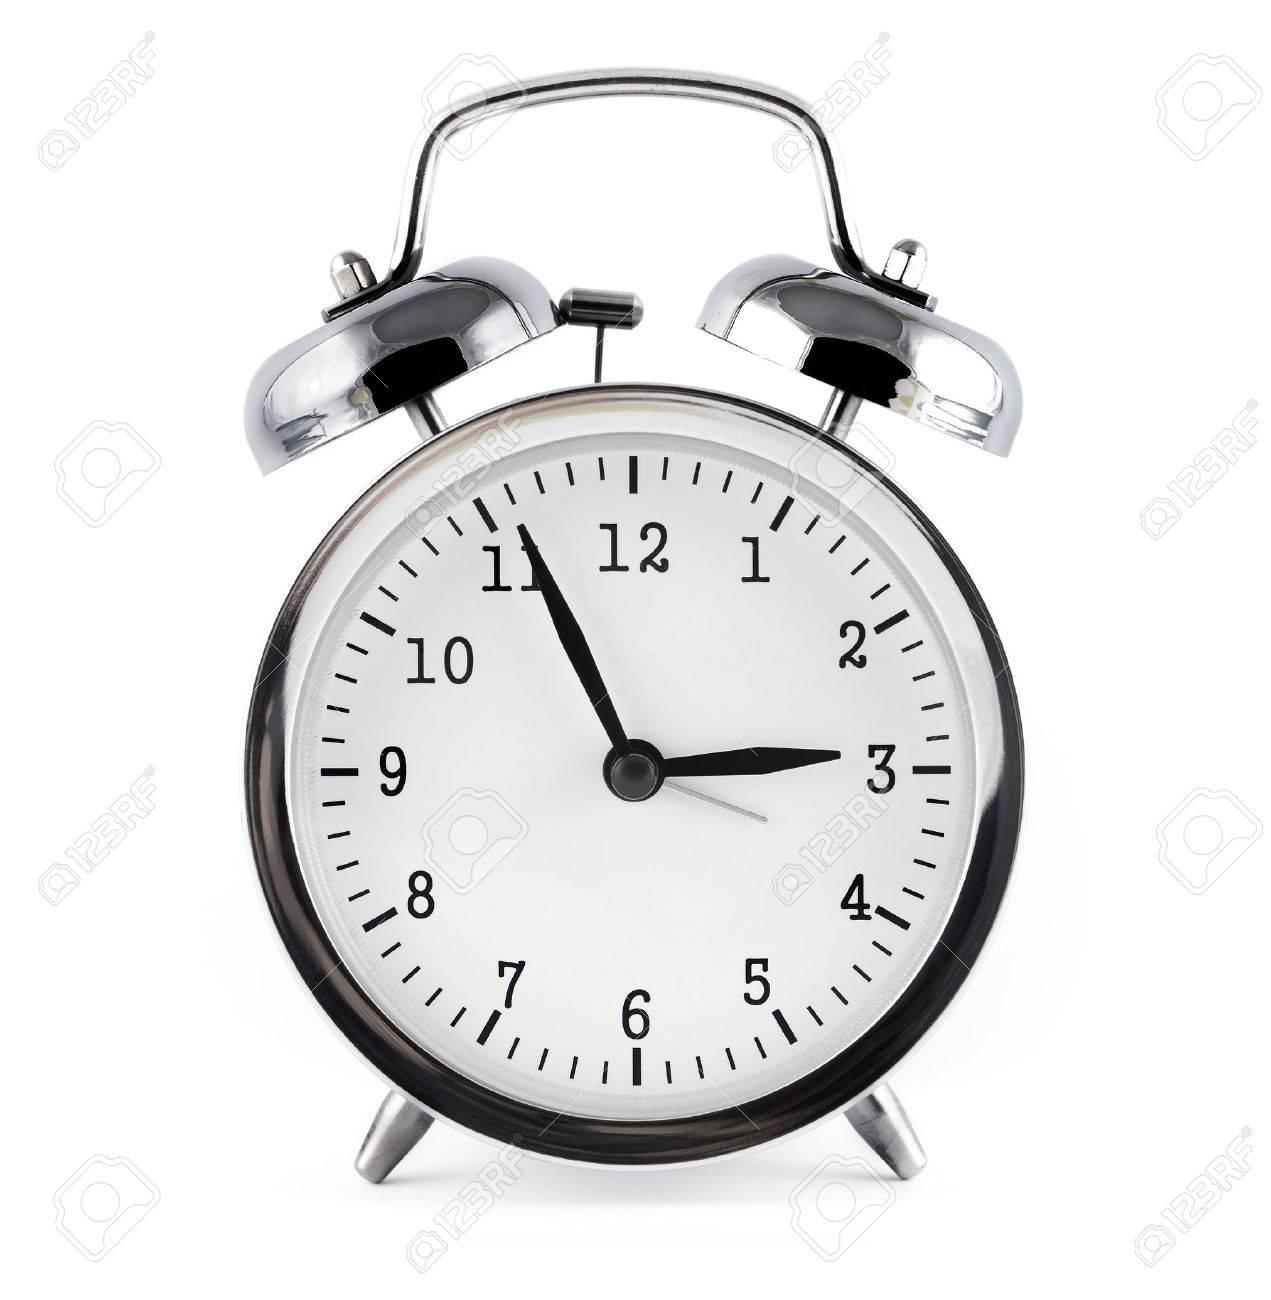 alarm clock, isolated on white background. - 55346474